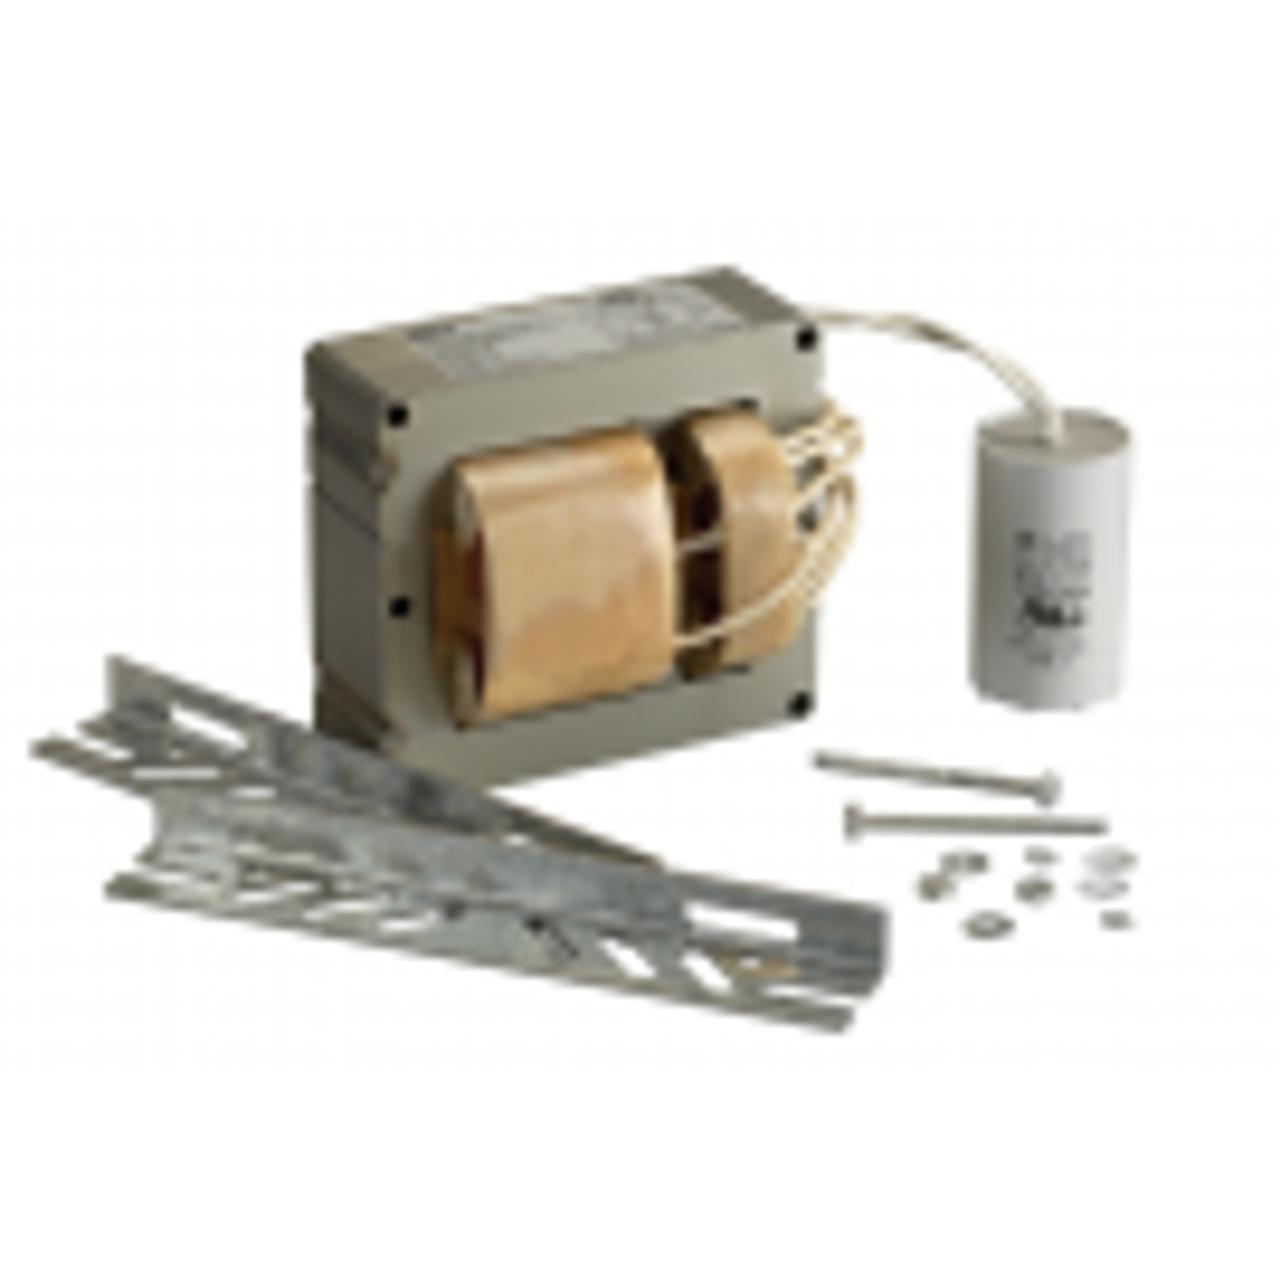 MH-1000A-P-KIT 1000w Metal Halide Kit 5-Tap